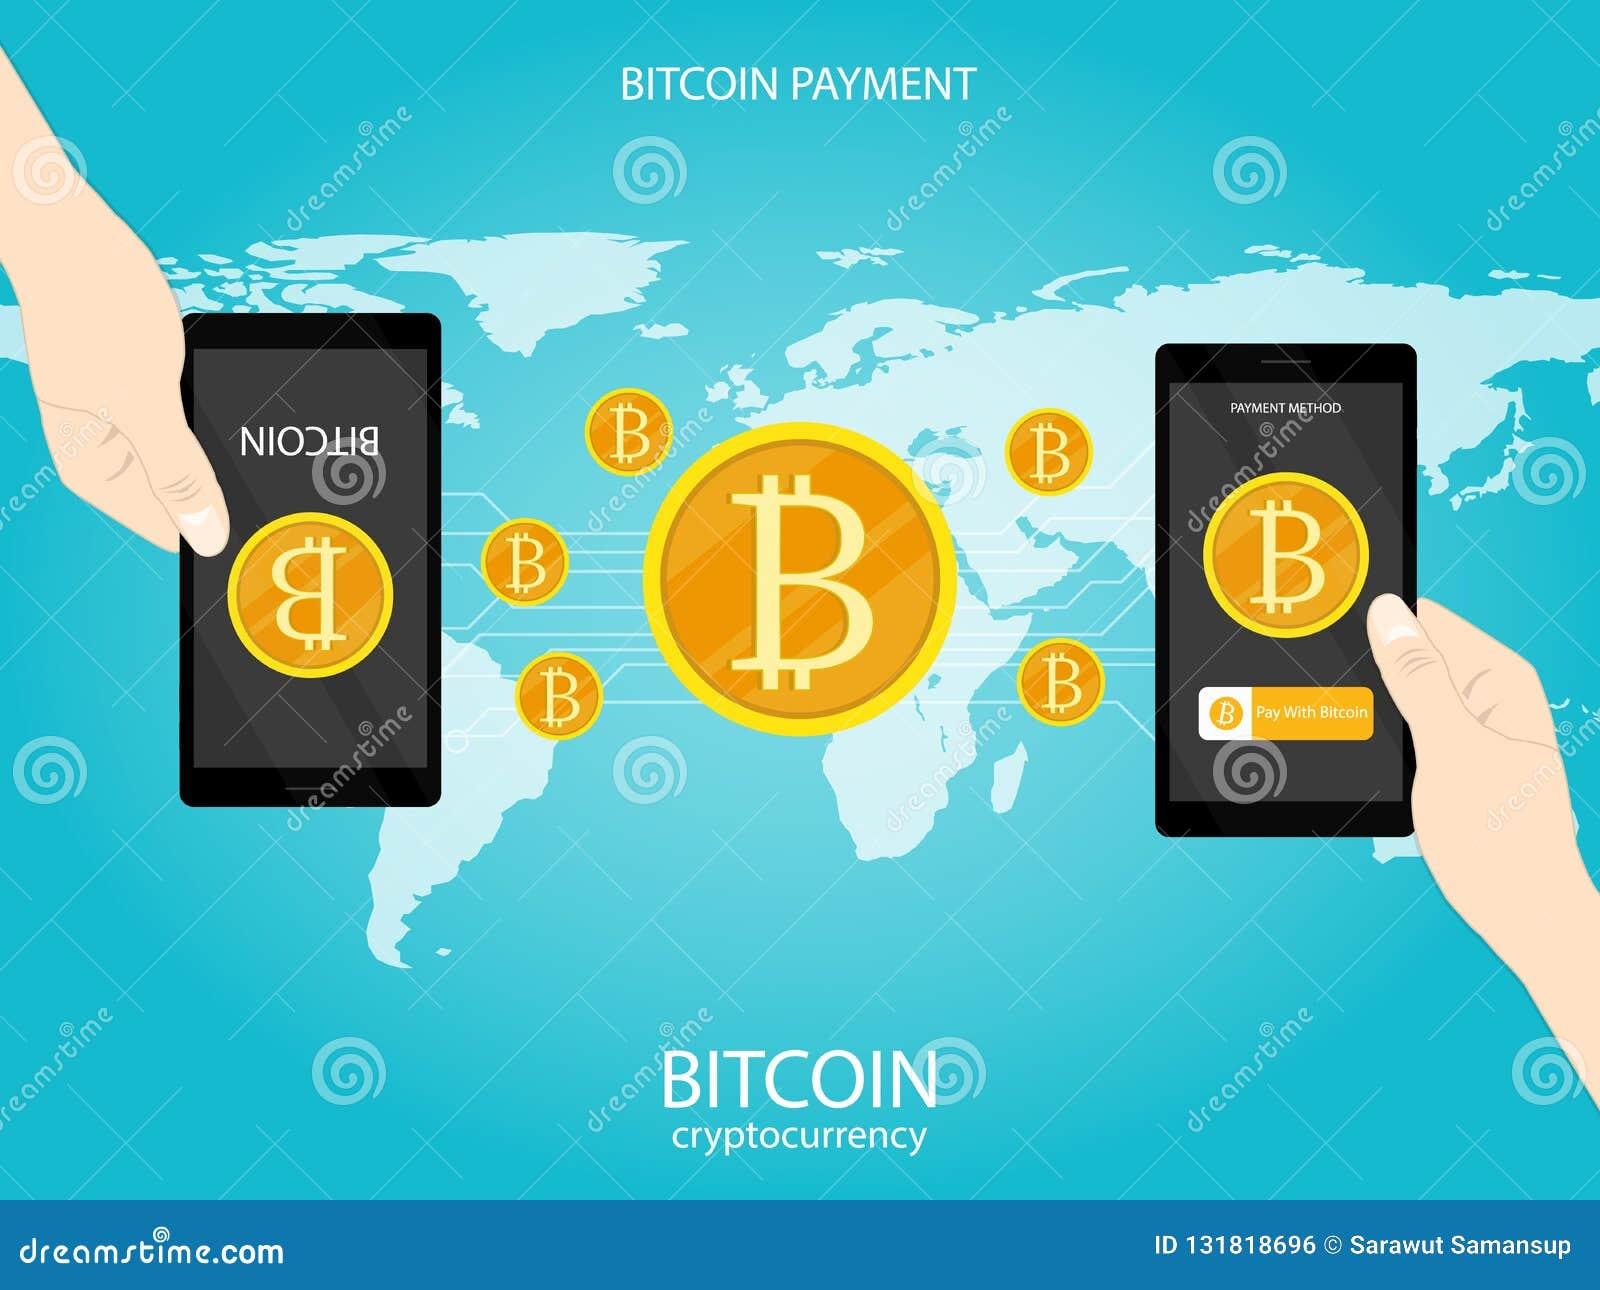 Bitcoin payment API interface - blogger.com